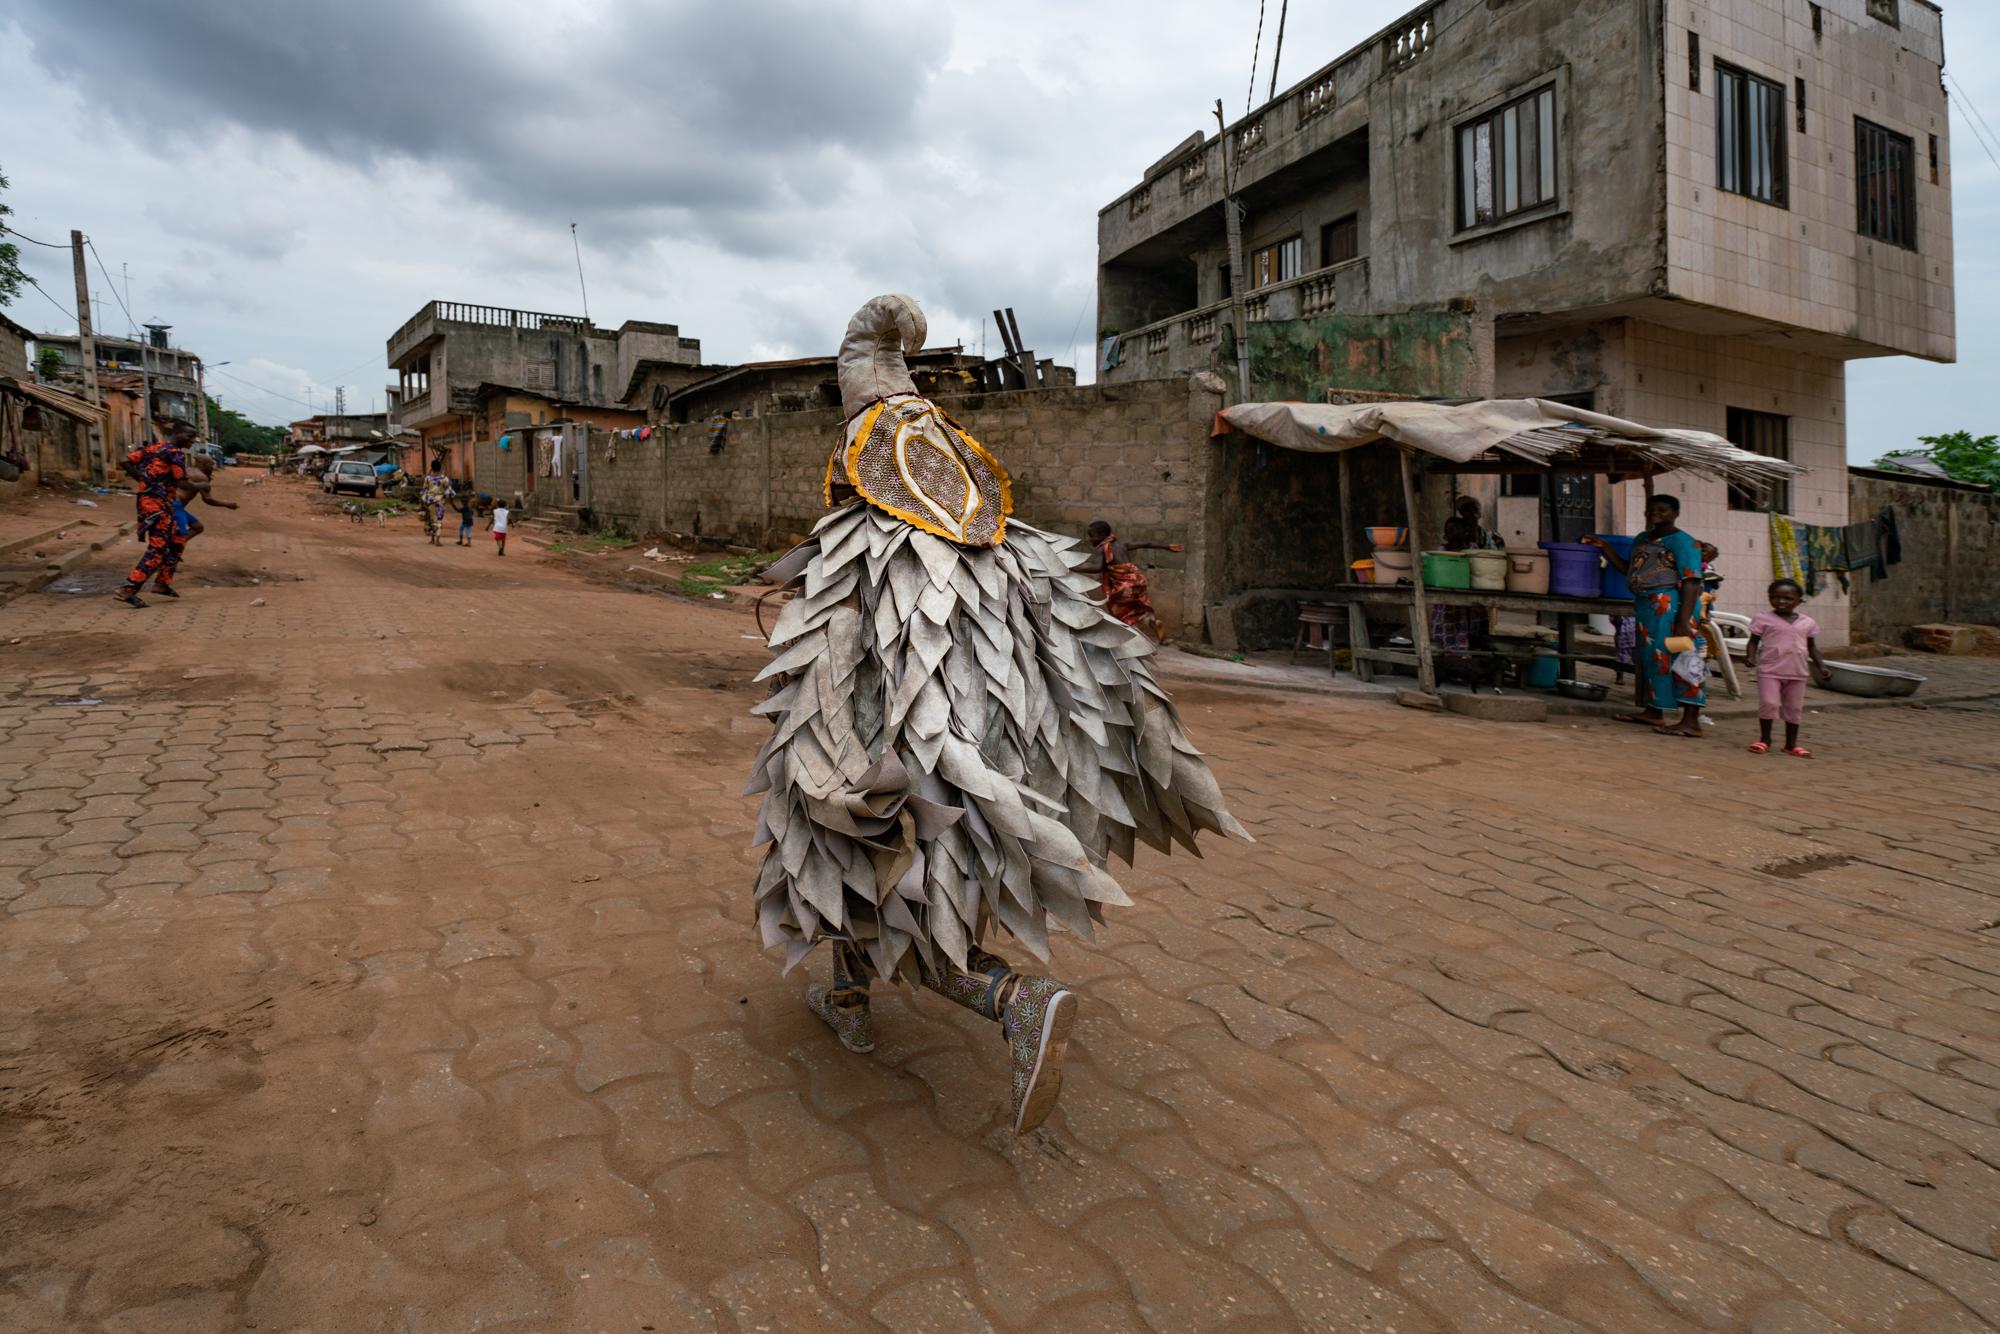 Benin_2000 sin título2018-00325 7952 x 5304.jpg